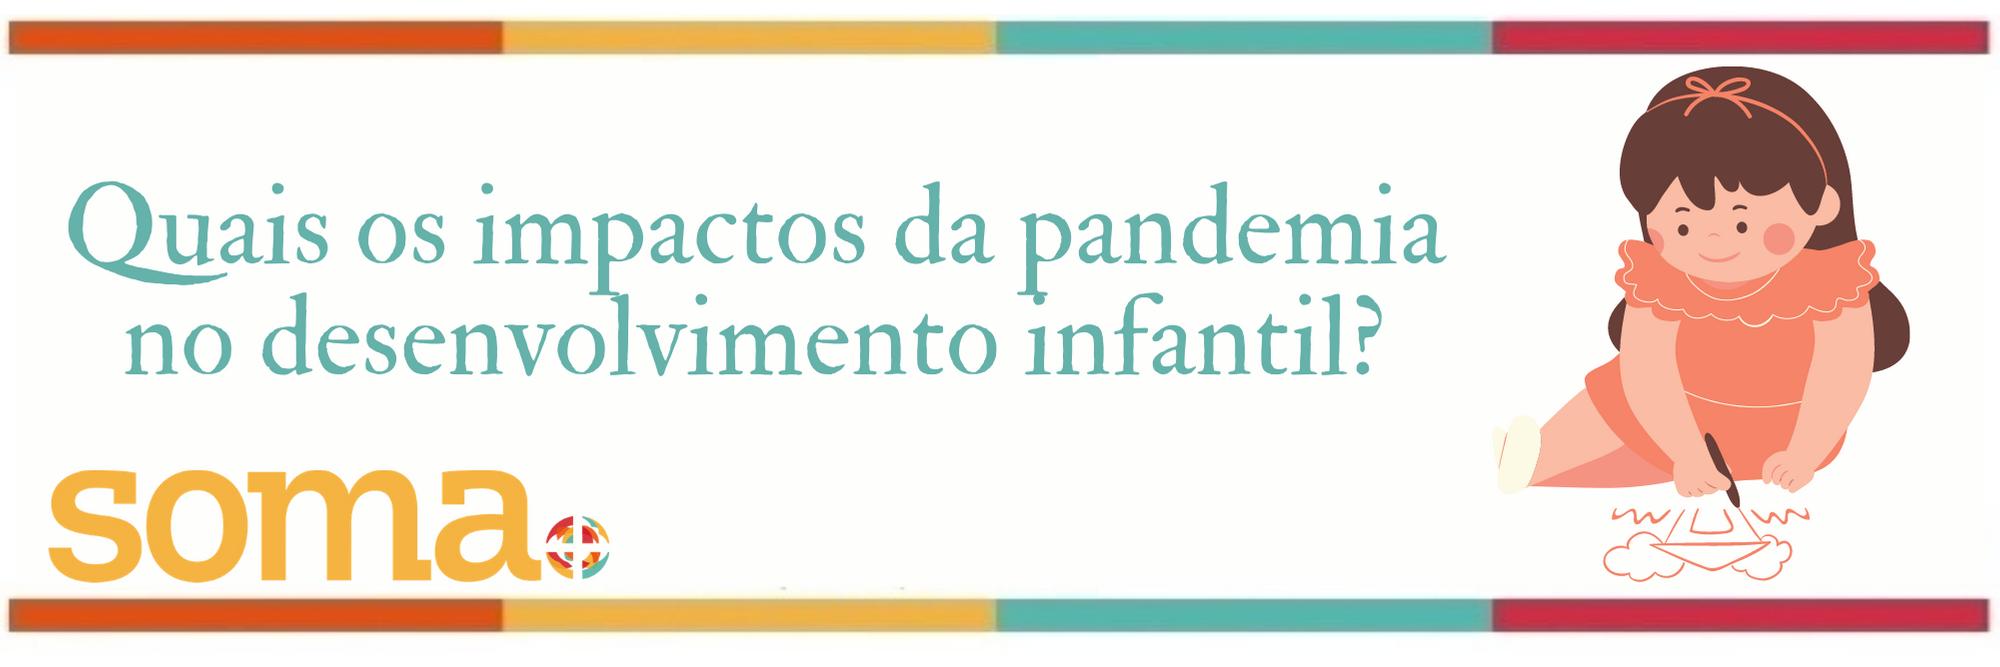 Quais os impactos da pandemia no desenvolvimento infantil?